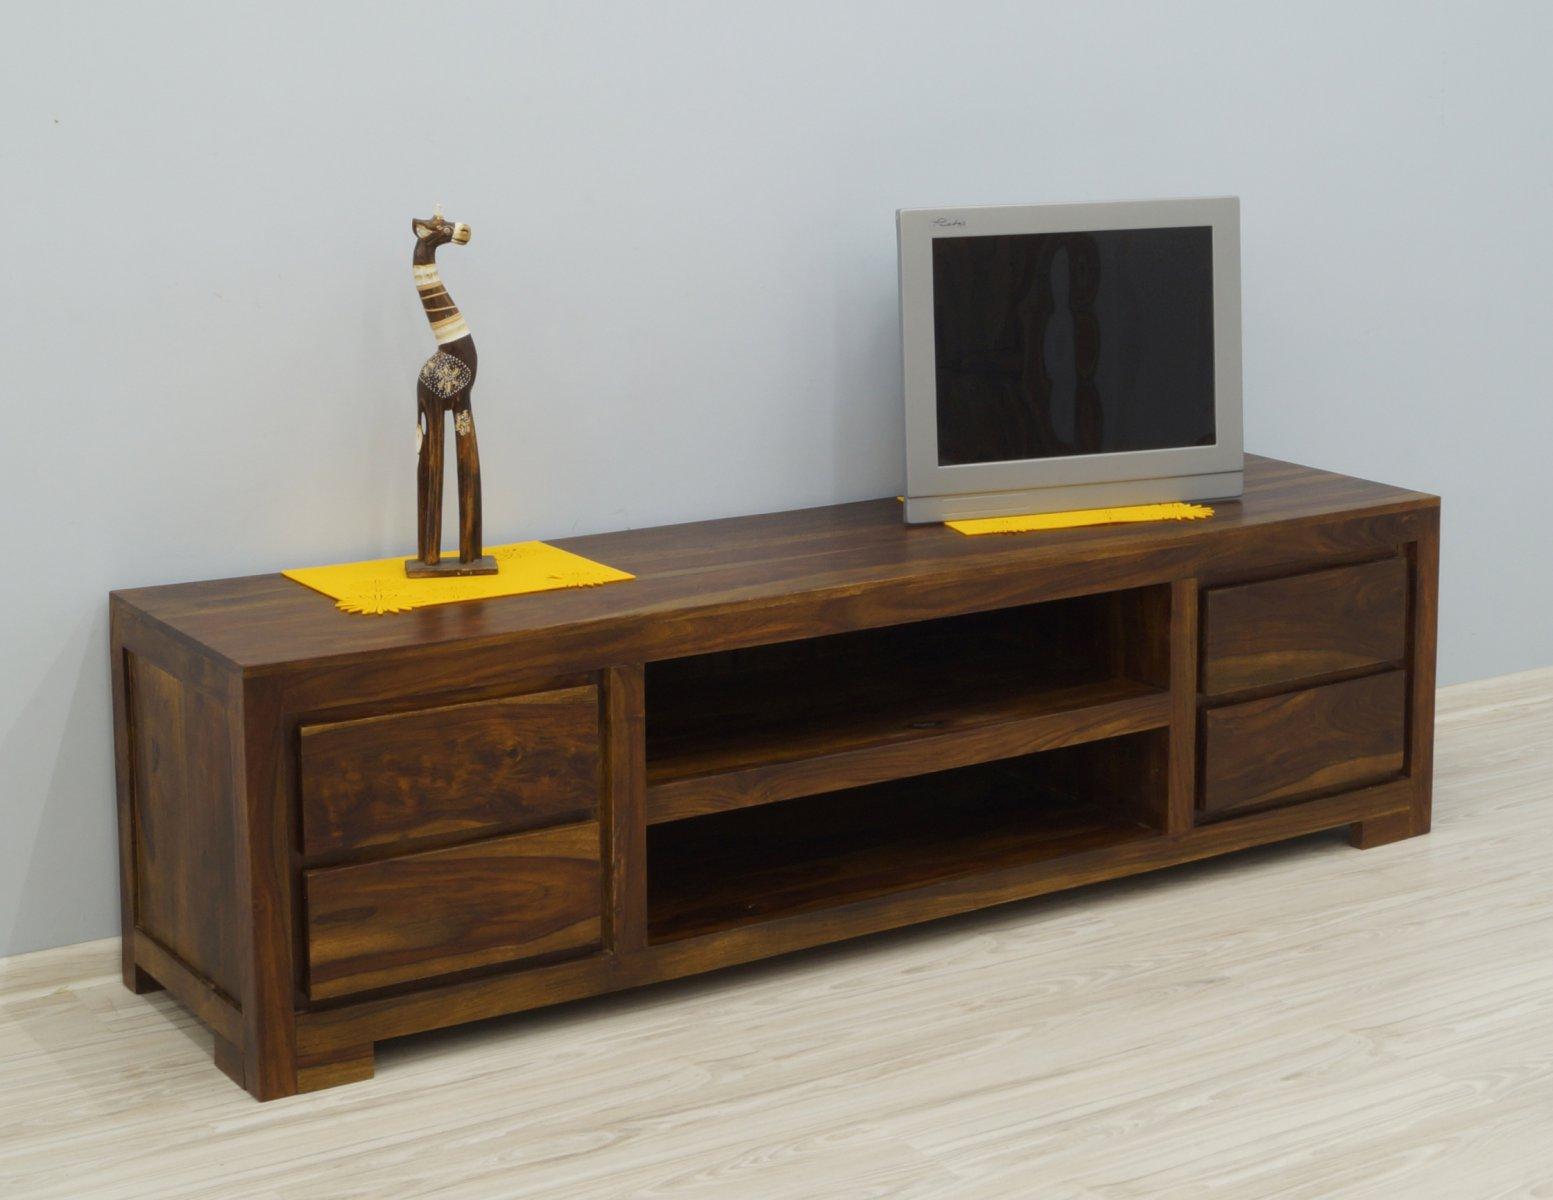 Komoda RTV szafka pod telewizor kolonialna lite drewno palisander indyjski styl nowoczesny